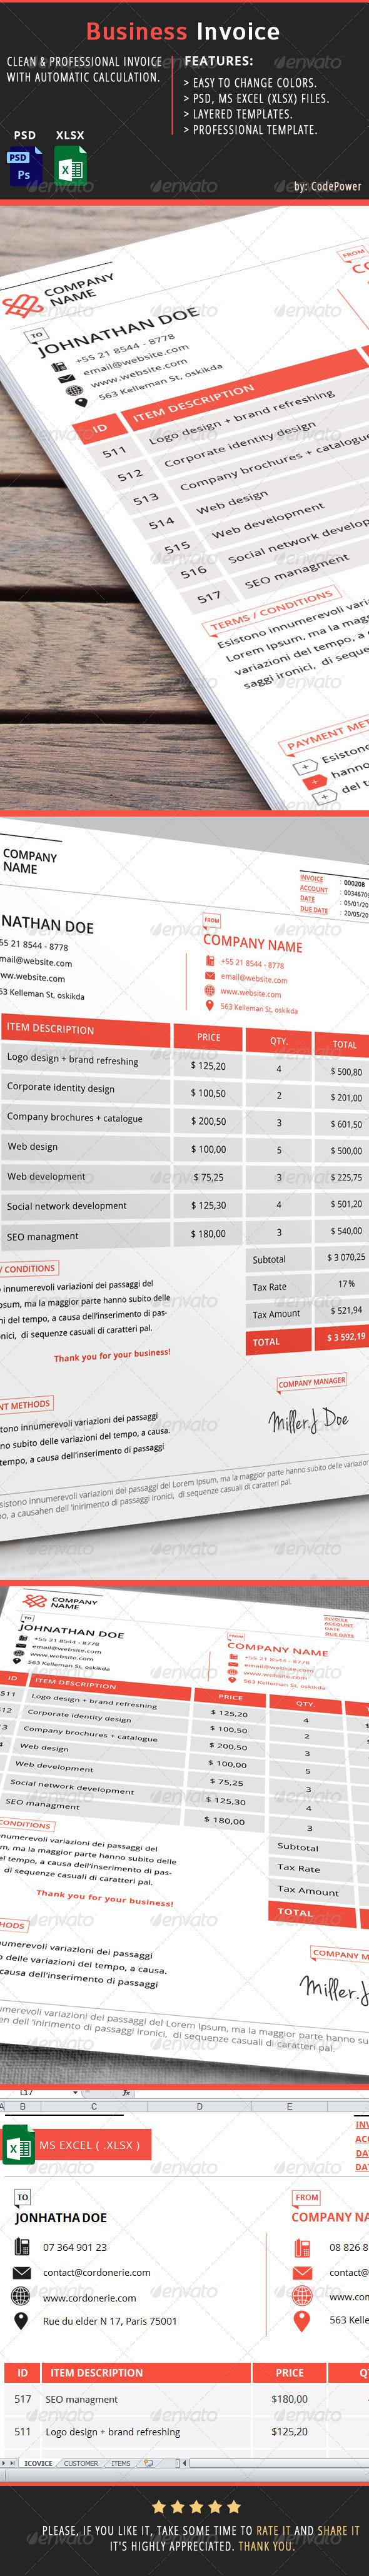 GraphicRiver Business Invoice 7065799